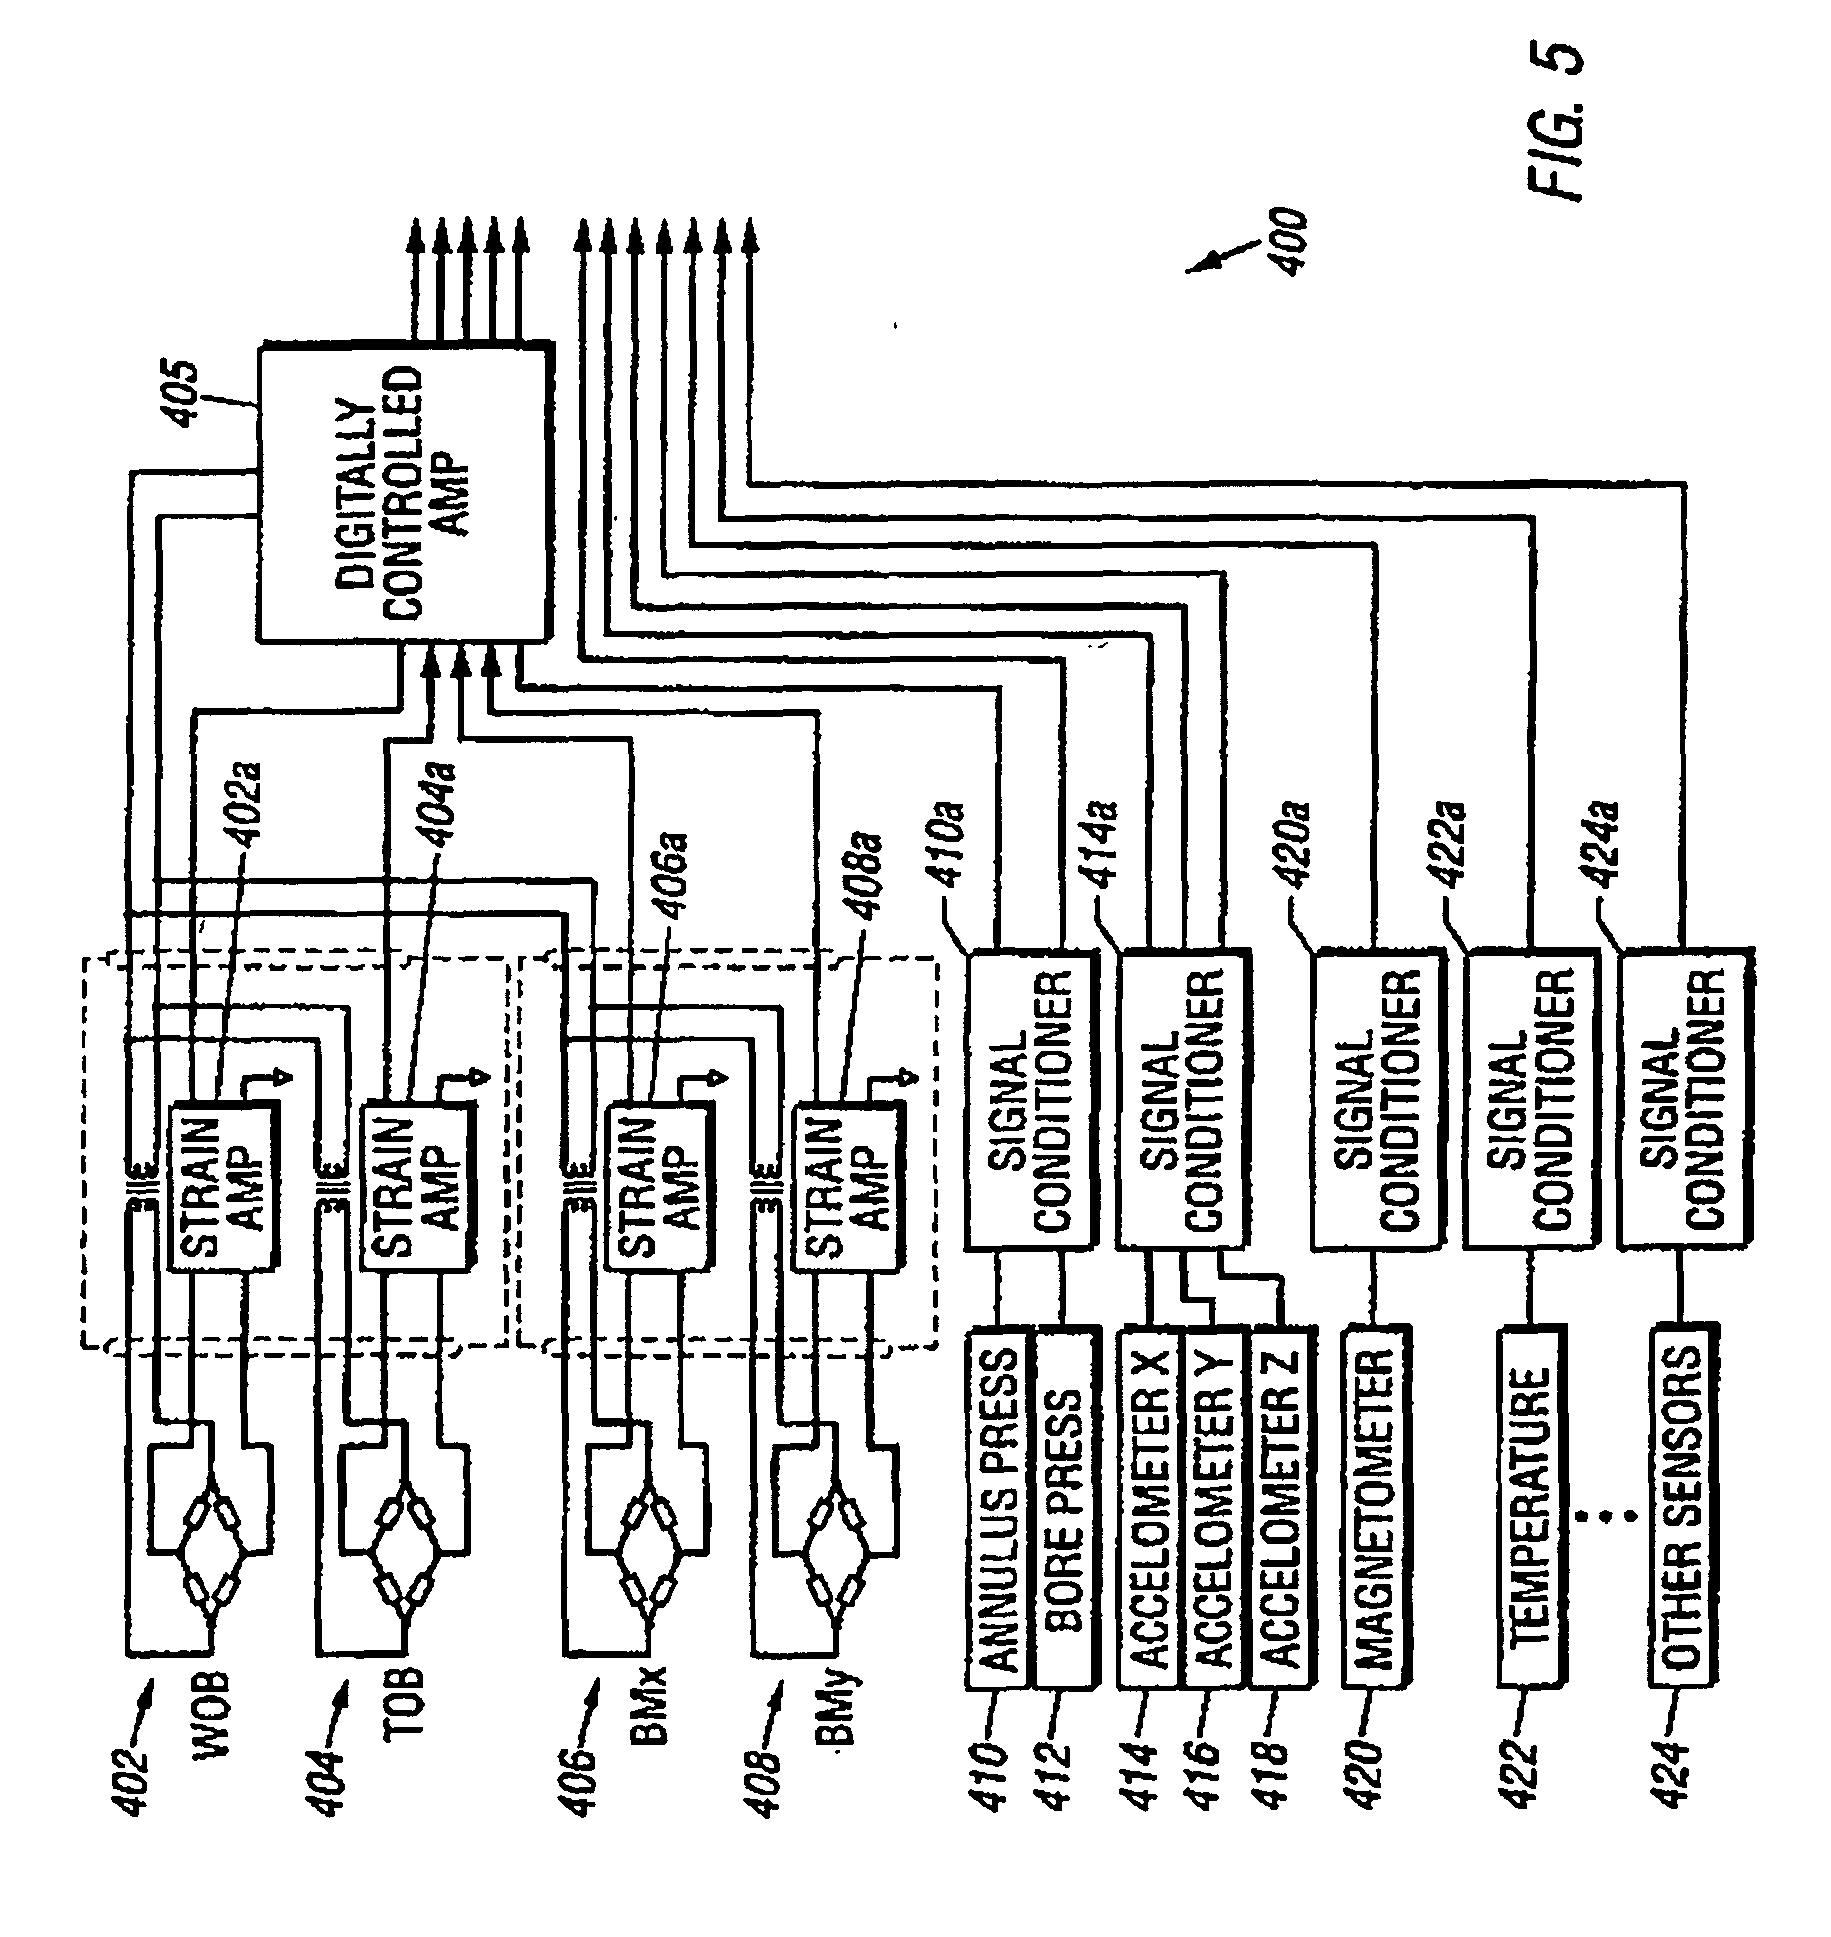 专利ep1709293b1 - method